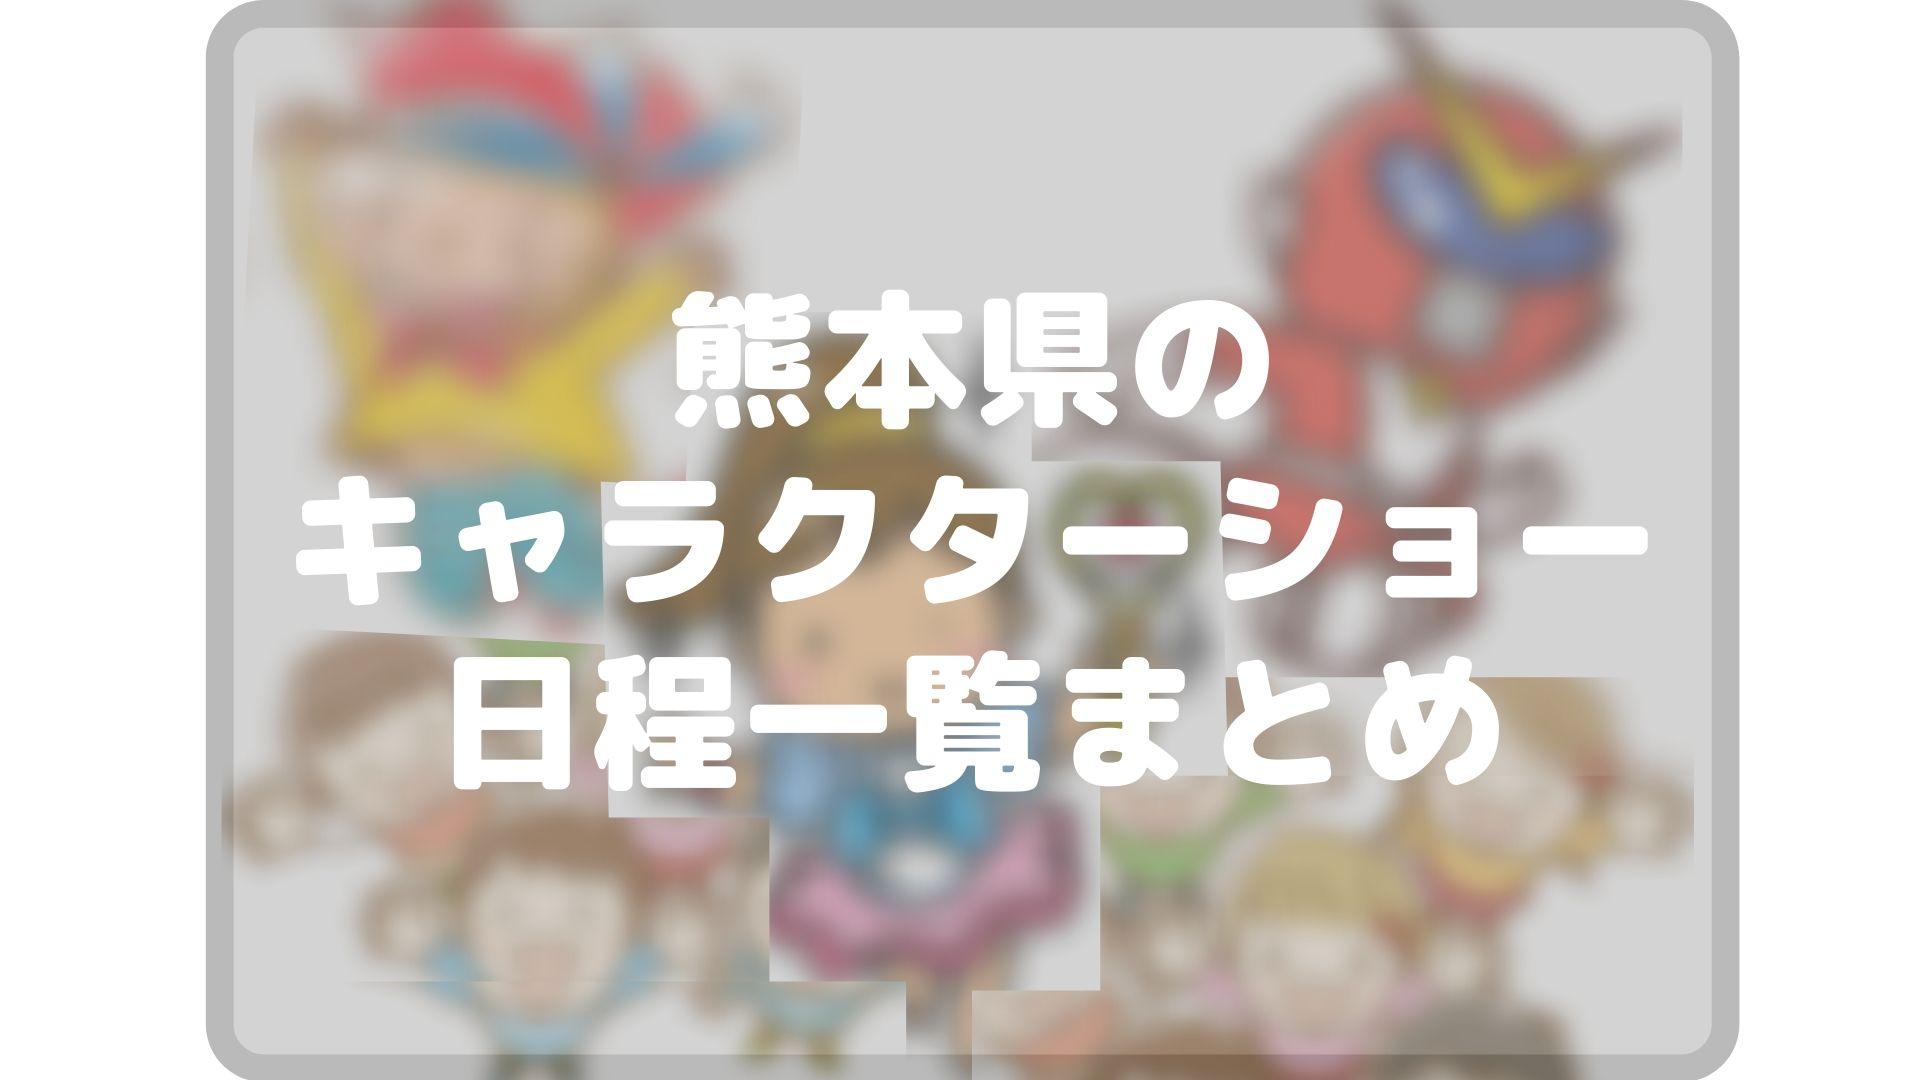 熊本県のキャラクターショーまとめタイトル画像